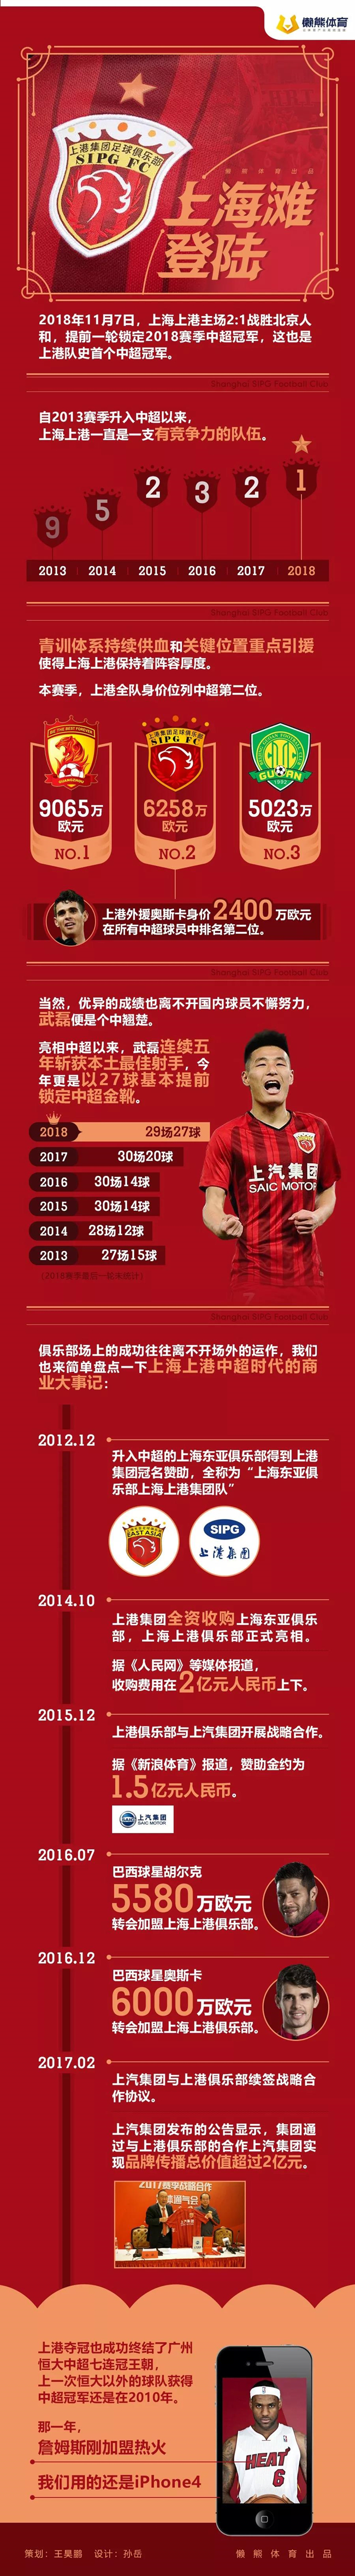 三年半投入近60亿,上港终于为上海带来了一个中超冠军